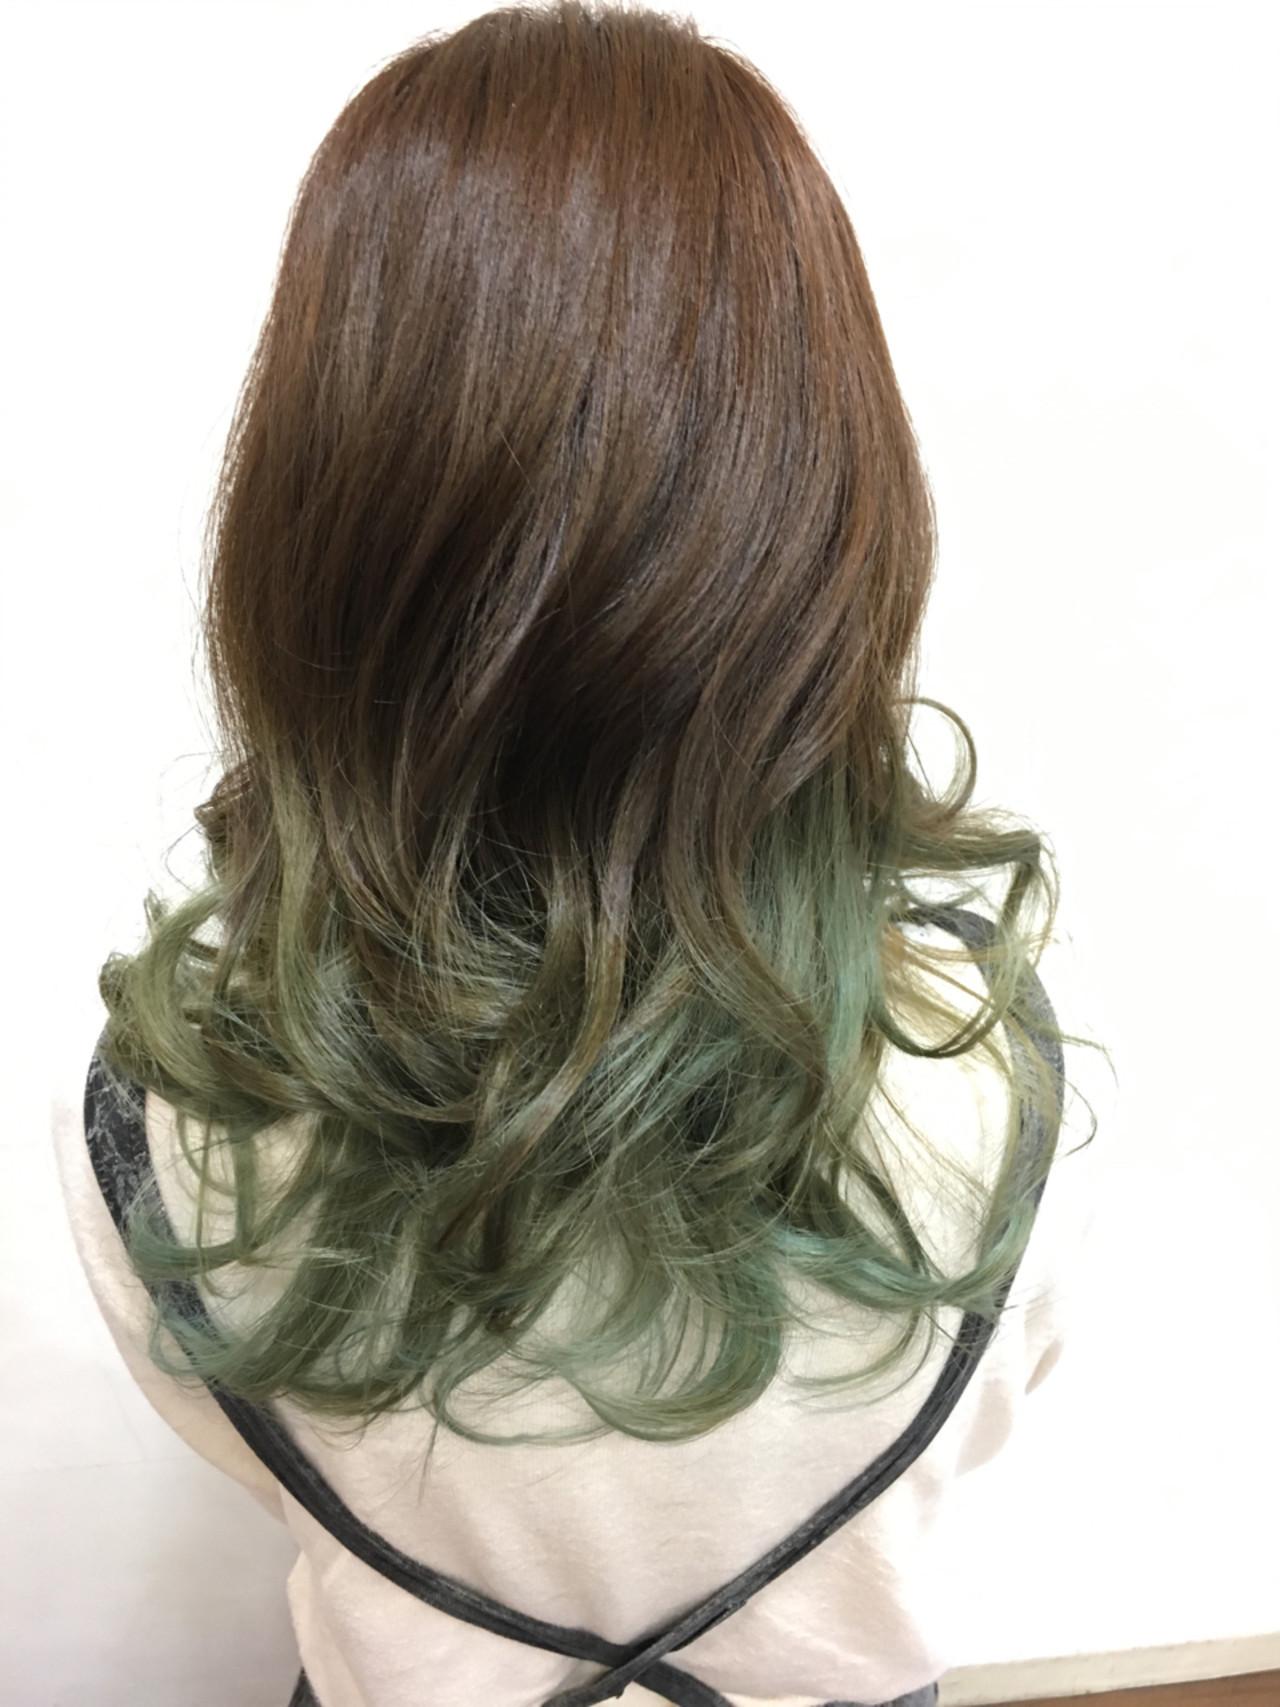 グラデーションカラー ストリート セミロング ヘアスタイルや髪型の写真・画像